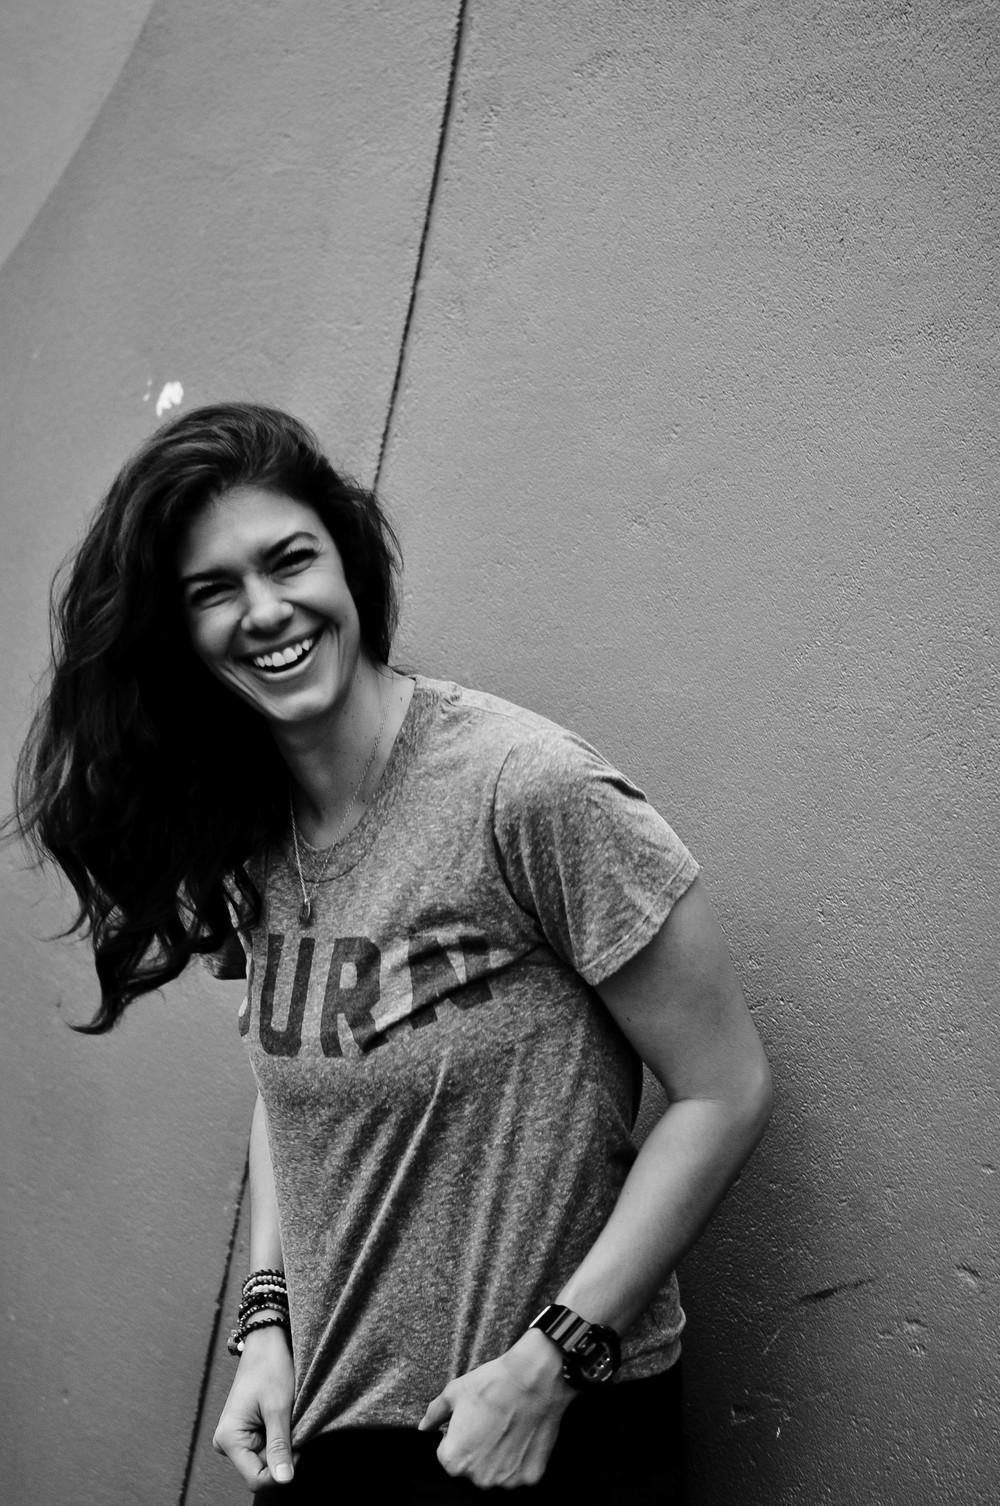 LaurenSchwaiger-Blog-Healthy-Happy-Active-Style.jpg